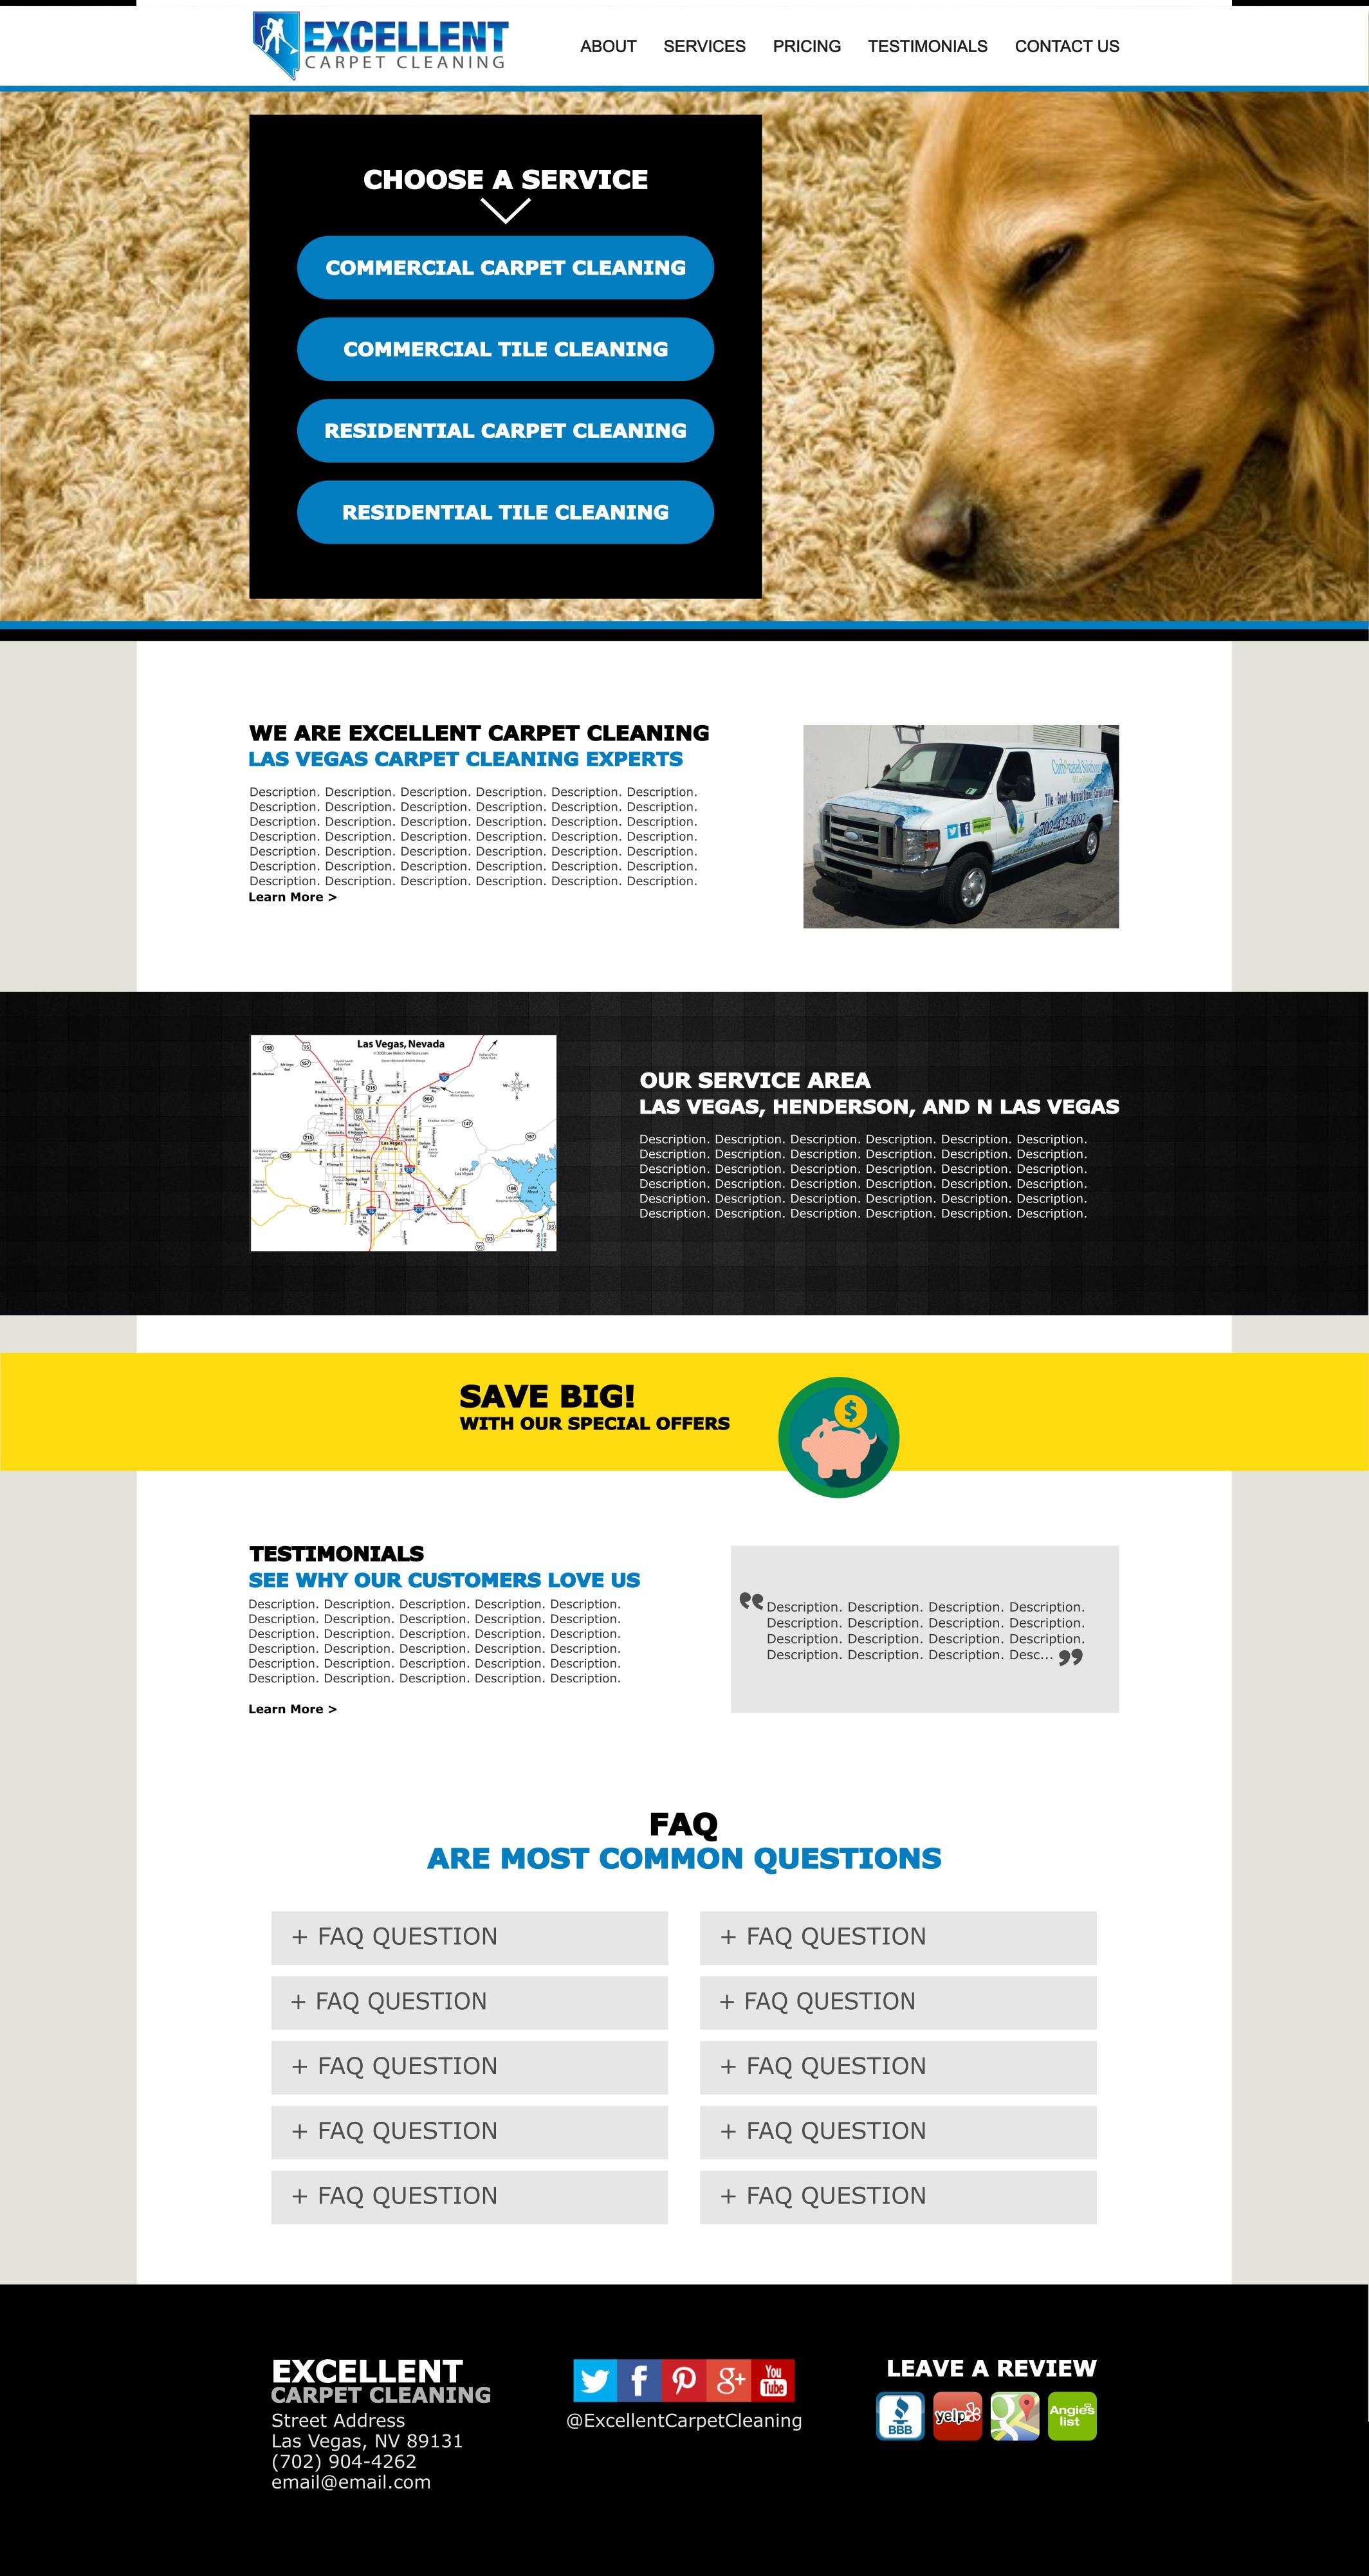 Excellent Carpet Cleaning Website Mockup